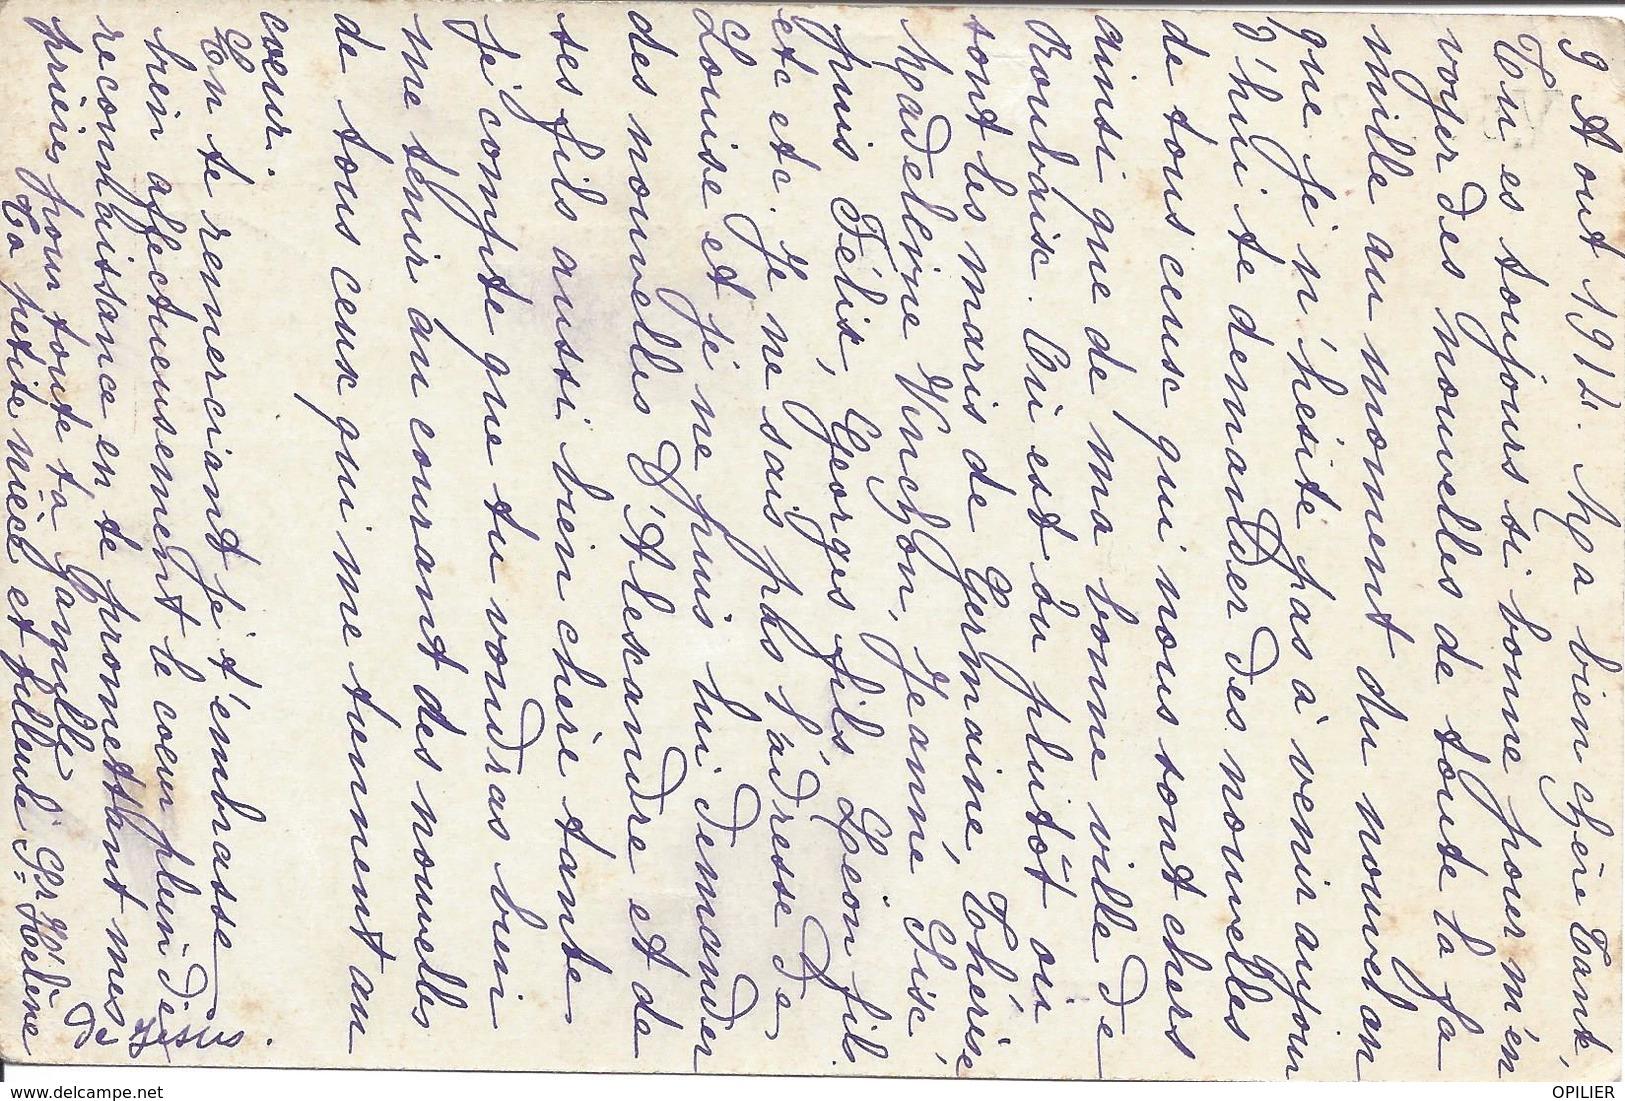 VALLADOLID 9 Aout 1914 Entier Postal Pour Le Château De Lys Les Lannoy Armoirie Toison D'or Texte Debut Guerre 14 - Entiers Postaux